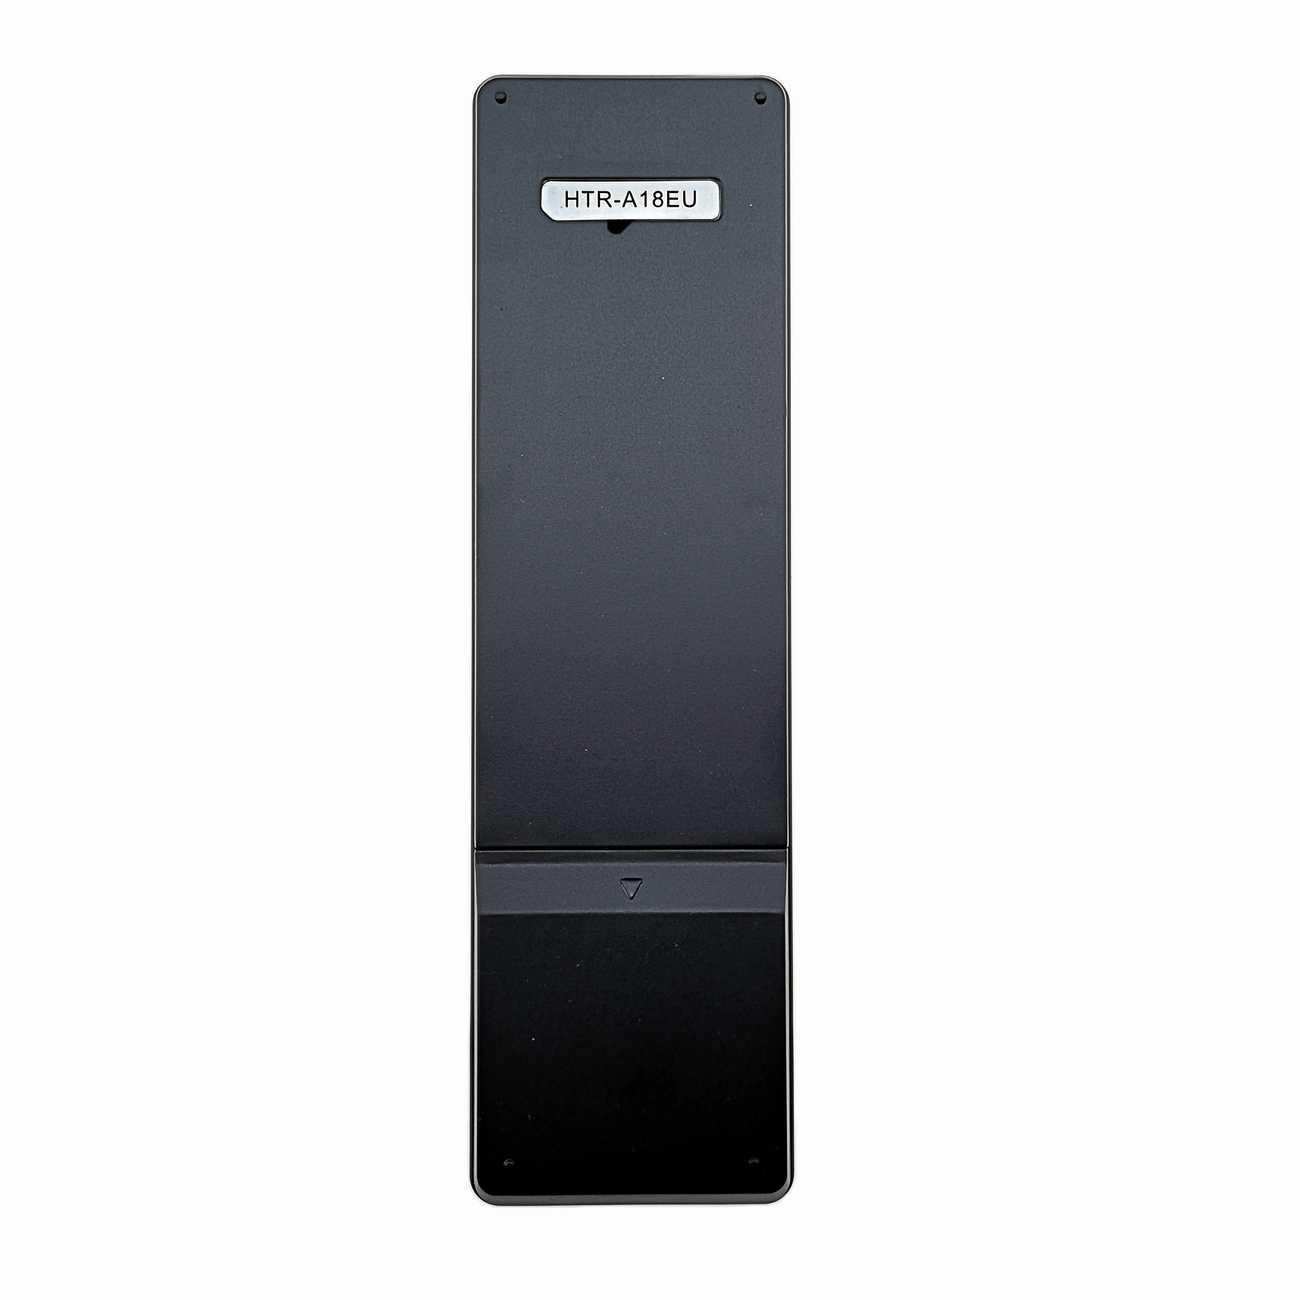 รีโมทคอนโทรลทีวีใหม่สำหรับ Haier HTR-A18EU